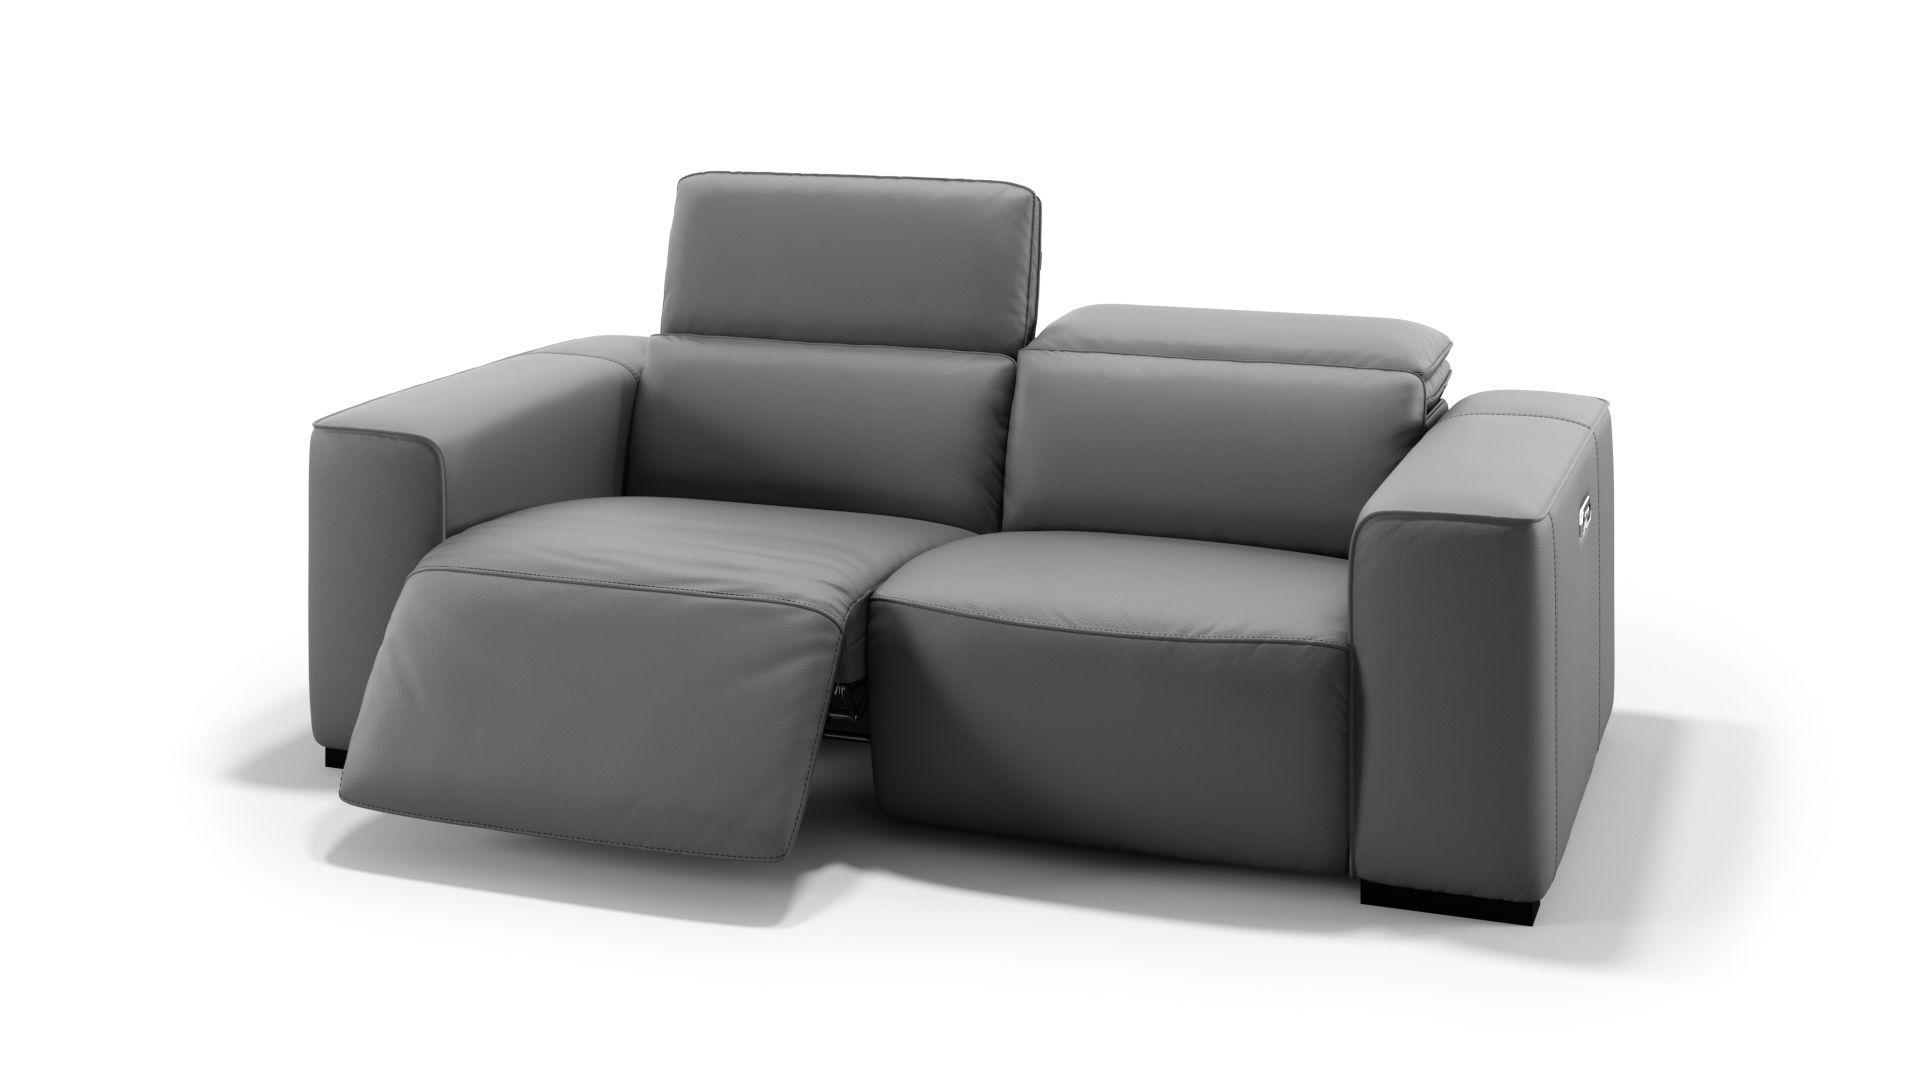 Full Size of Sofa Elektrisch Stoff Geladen Elektrische Sitztiefenverstellung Erfahrungen Couch Was Tun Aufgeladen Verstellbar Durch Microfaser Ausfahrbar Excellent Sofa Sofa Elektrisch